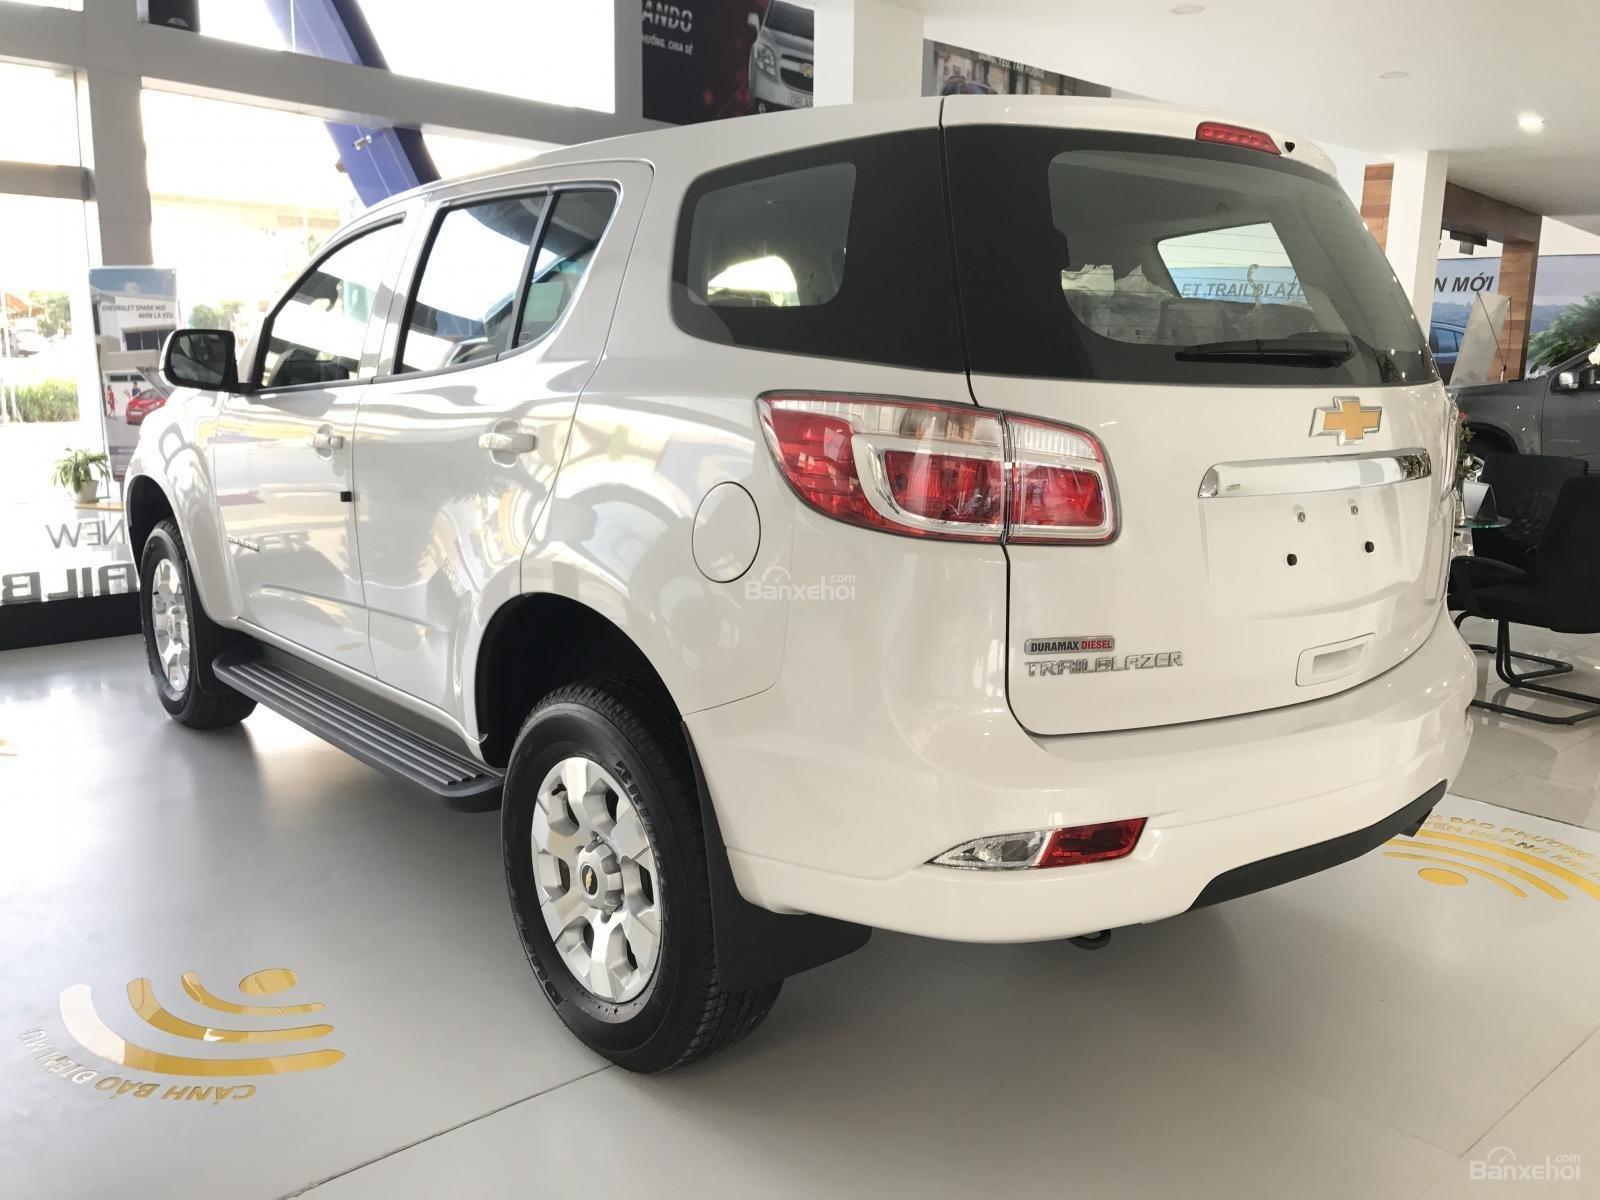 Cần bán Chevrolet Trailblazer 2.5L 4x2 MT LT, màu trắng, nhập khẩu, ưu đãi 30 triệu T12/2018-4